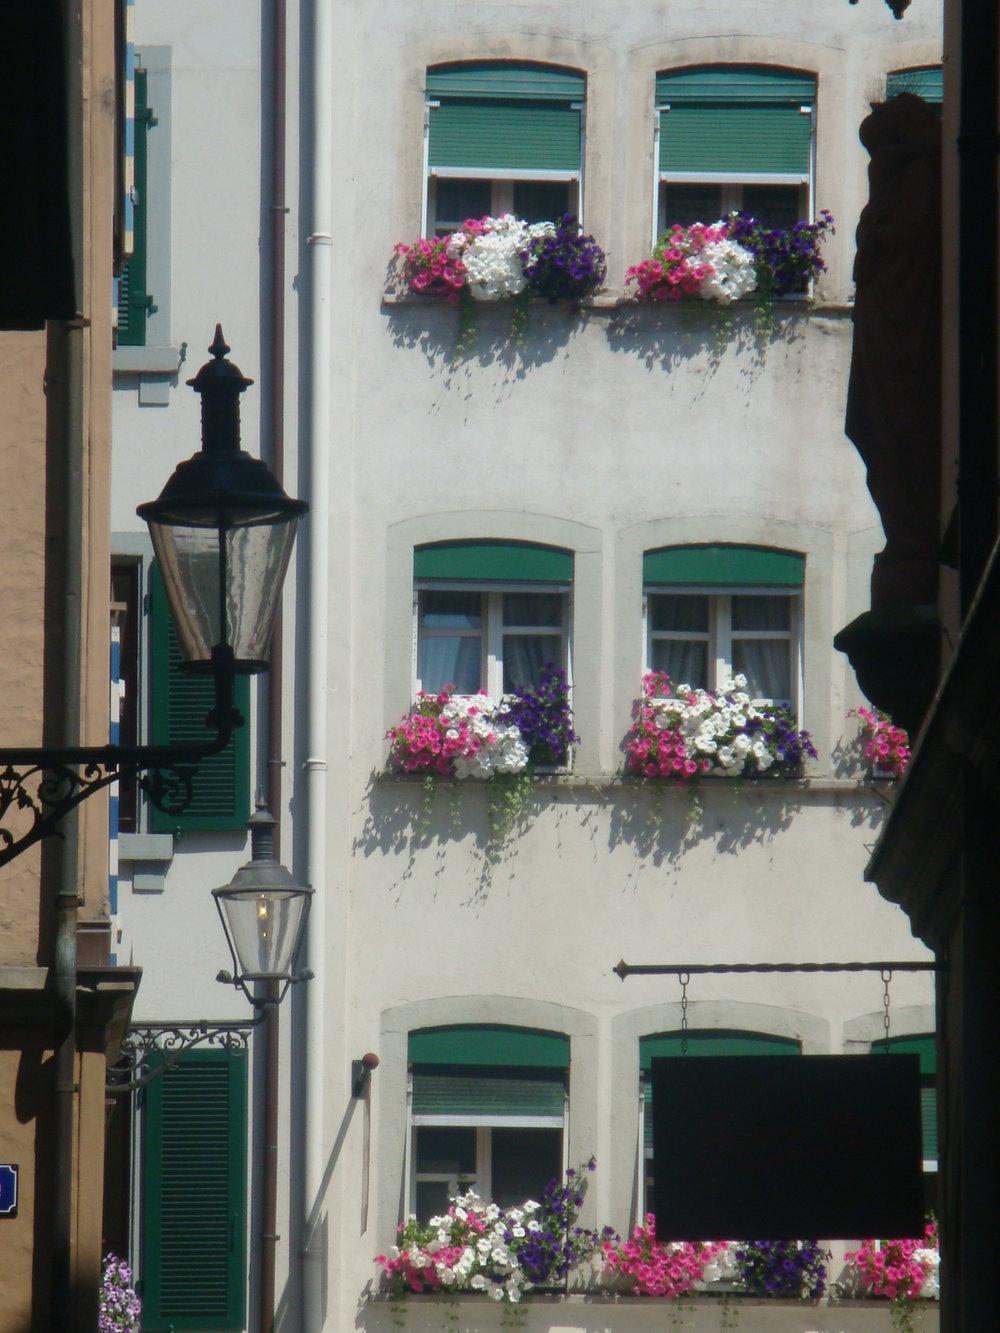 Lucerne and Zurich | Switzerland Photo Essay